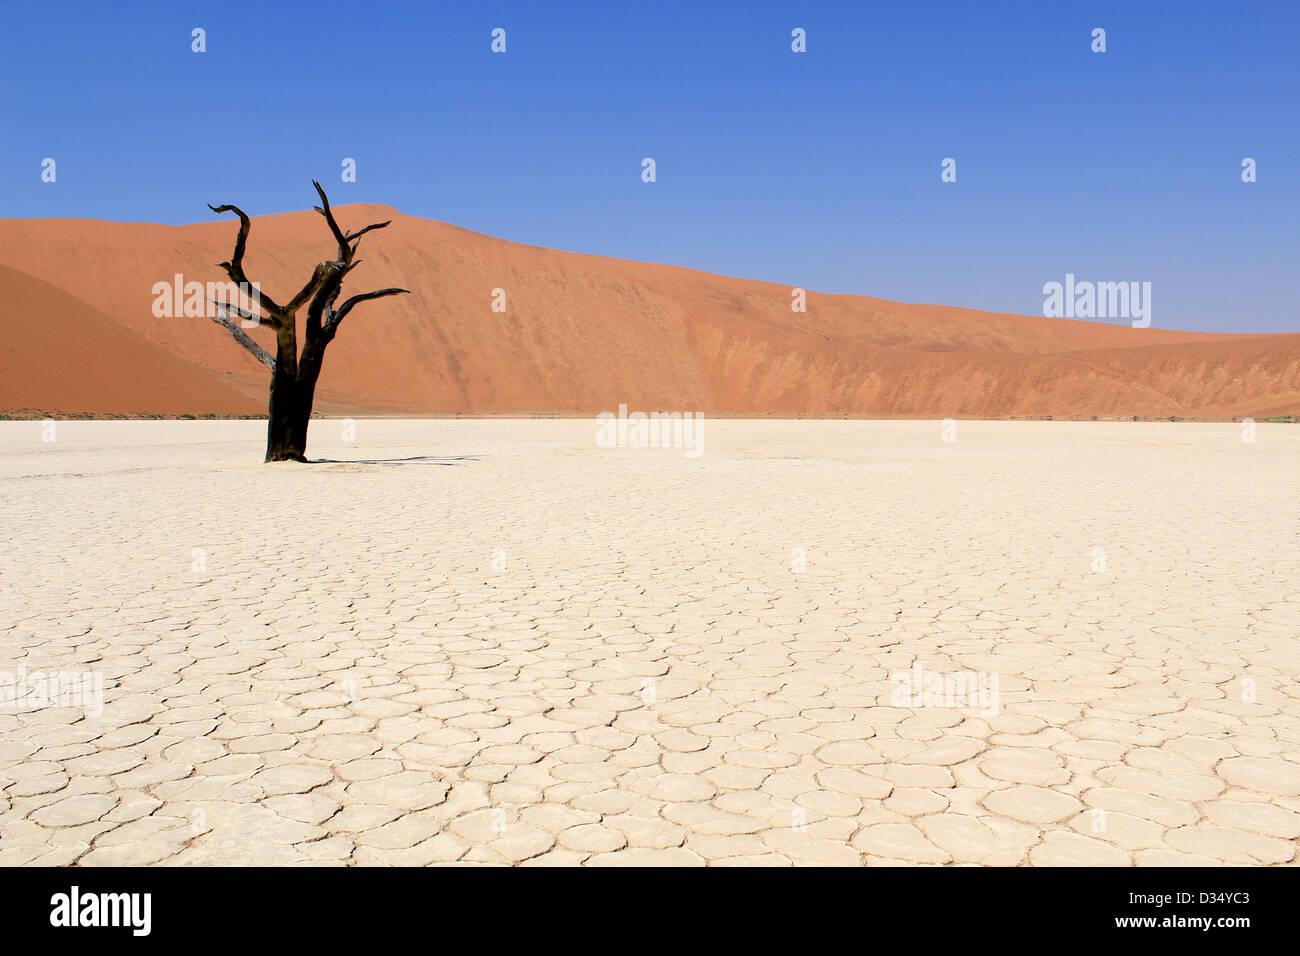 Sossusvlei dead valley landscape in the Nanib desert near Sesriem, Namibia - Stock Image